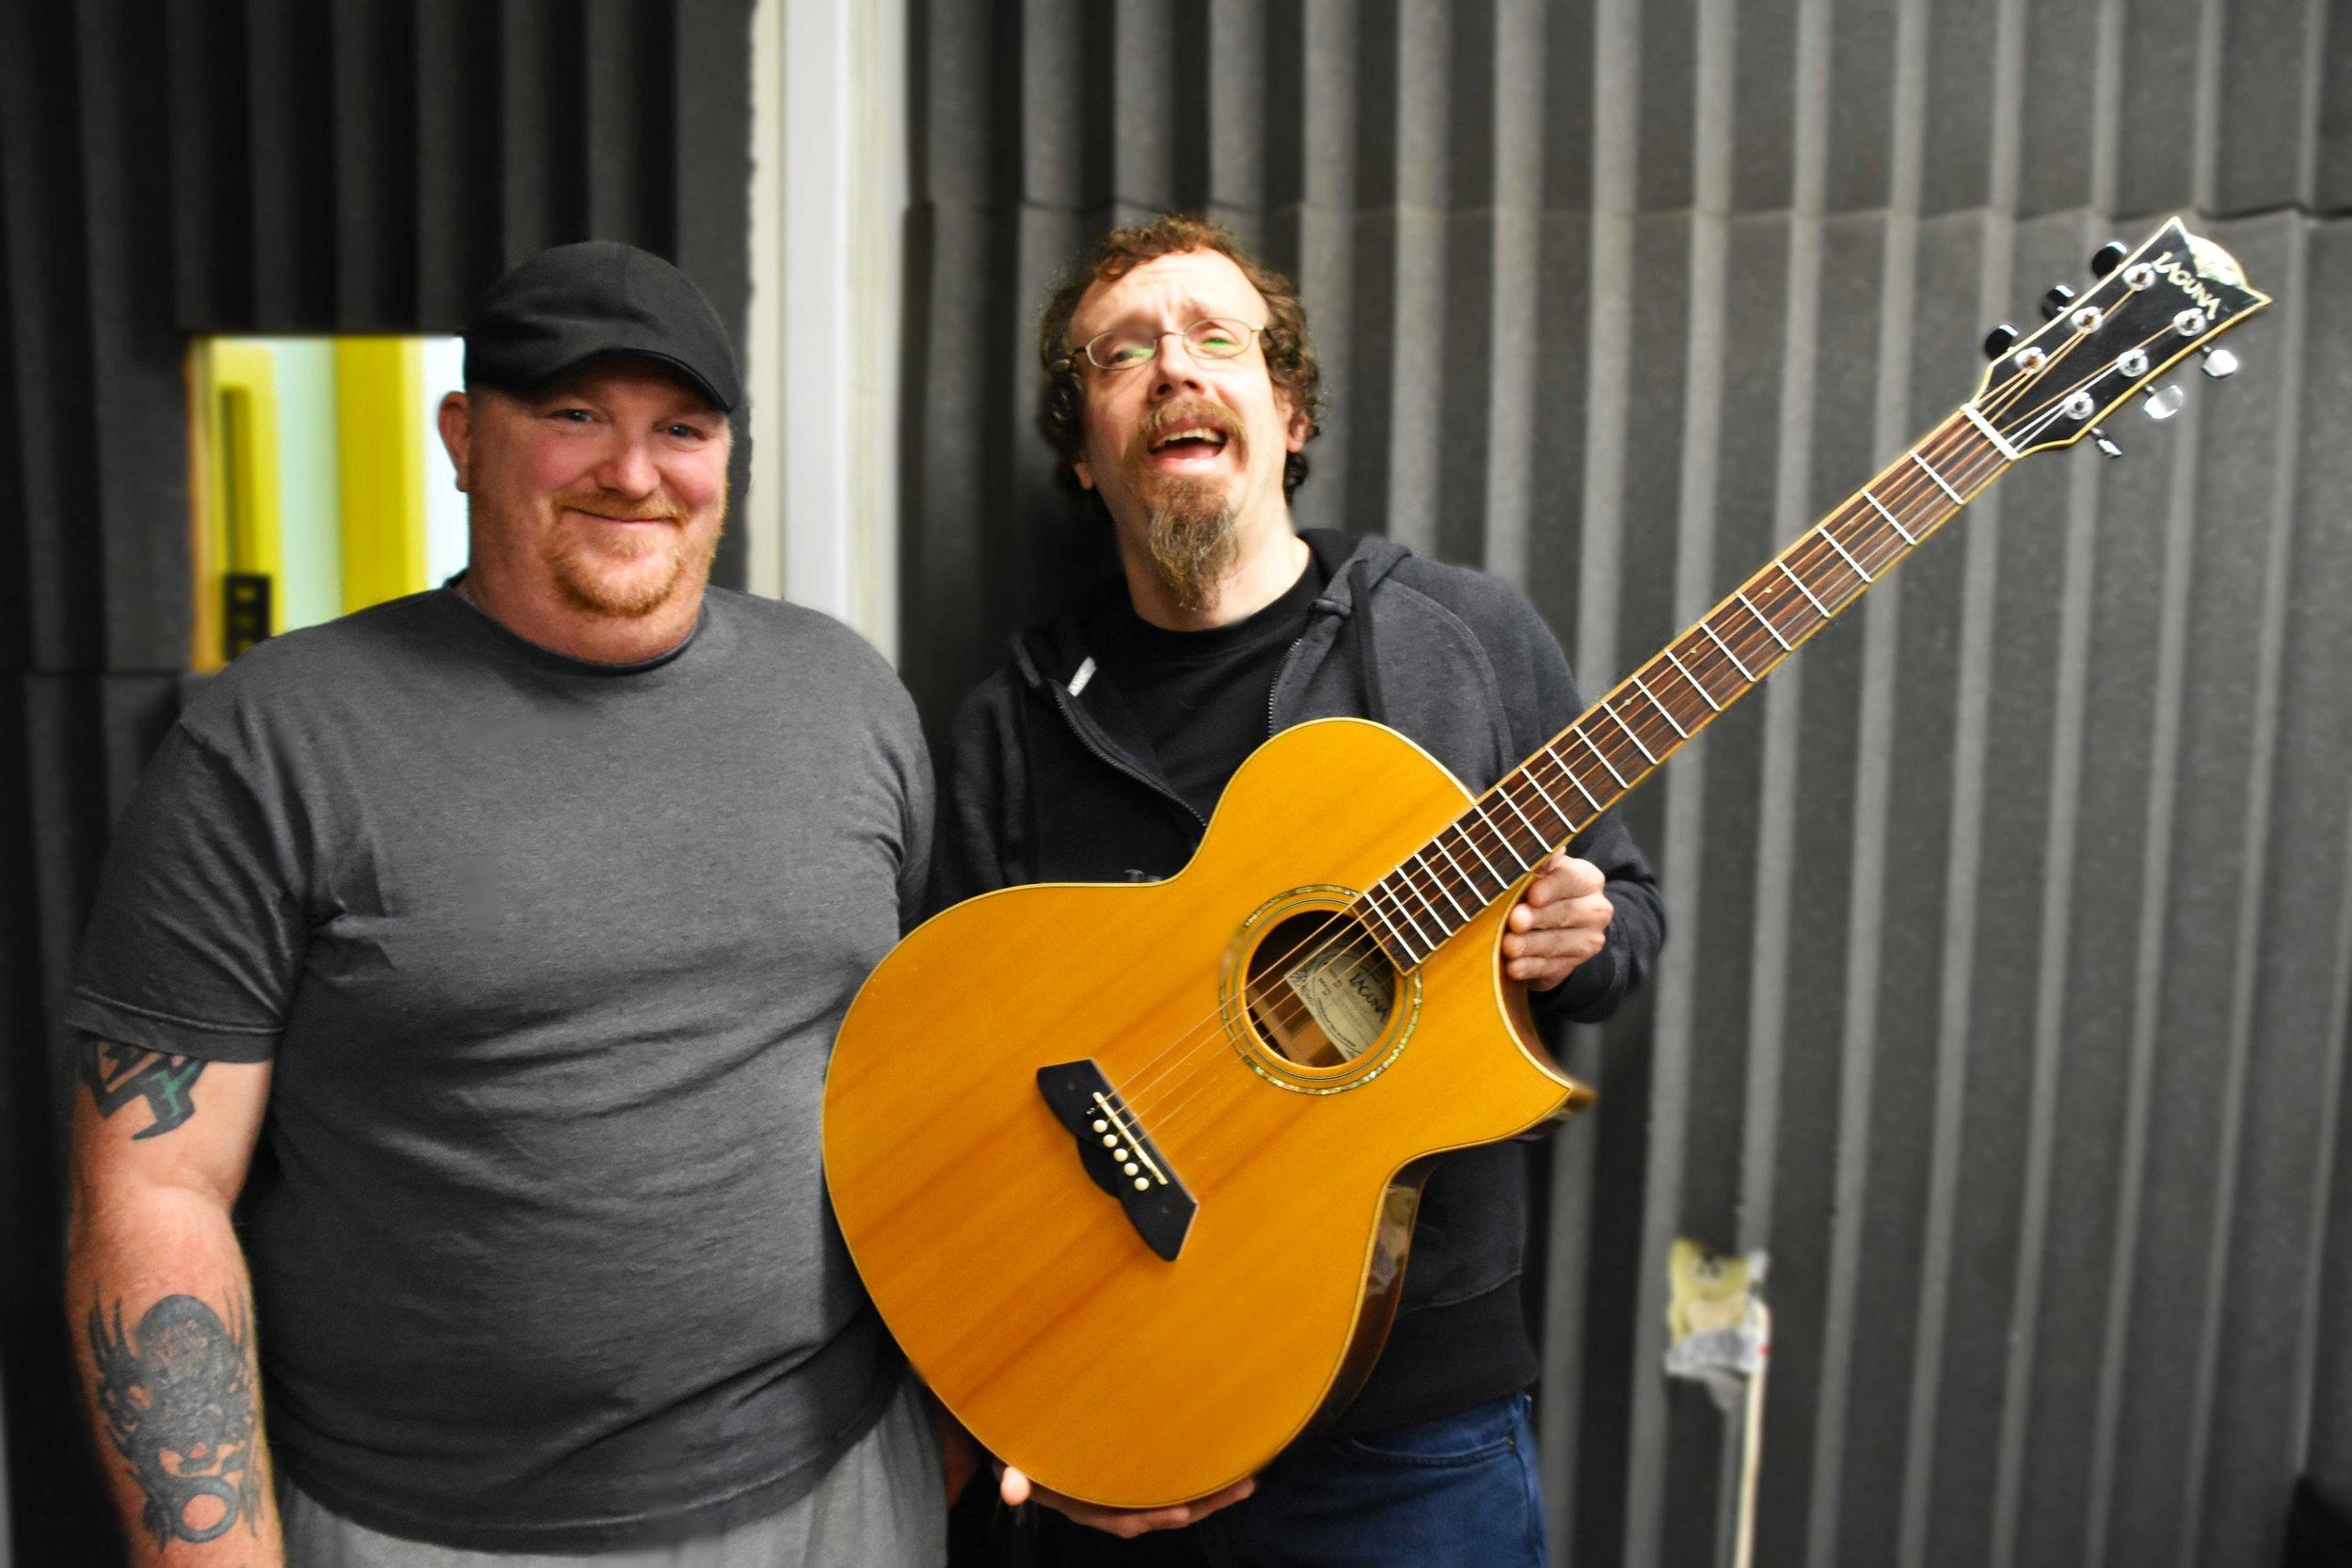 Win a Free Guitar & Lessons - the Burlington Music Dojo